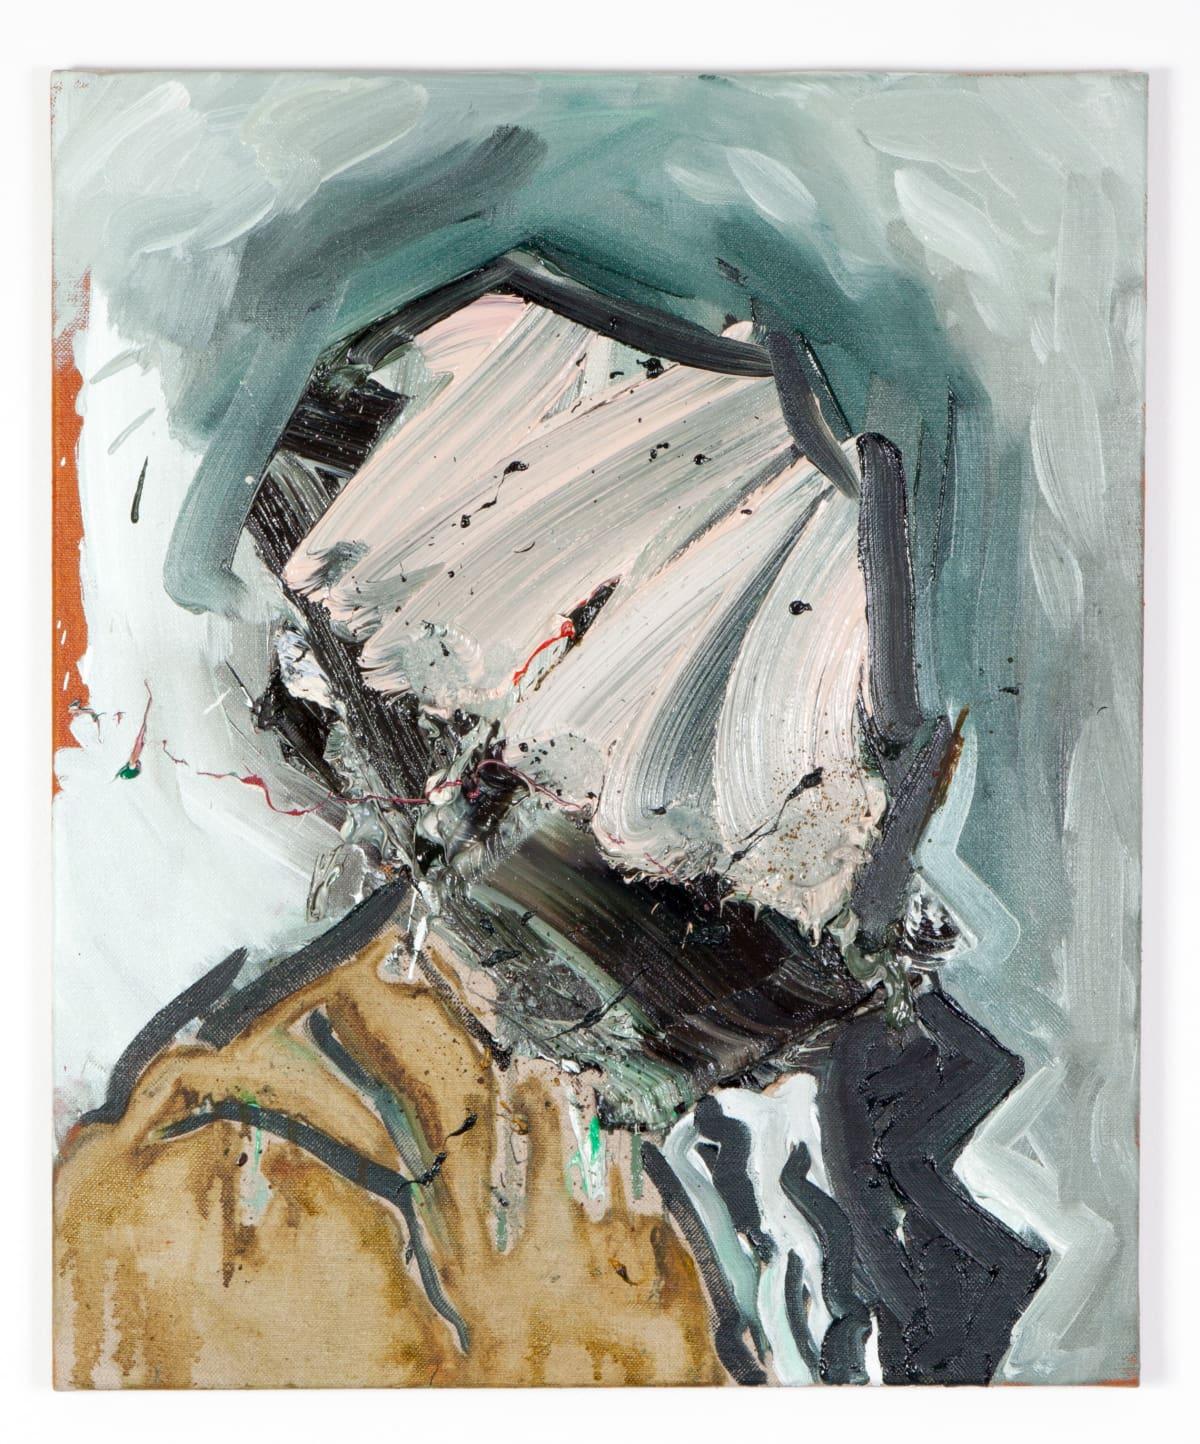 Toby Raine Cezanne Beard 2 (After Cezanne), 2015 Oil on linen 24.2 x 20.1 in 61.5 x 51 cm